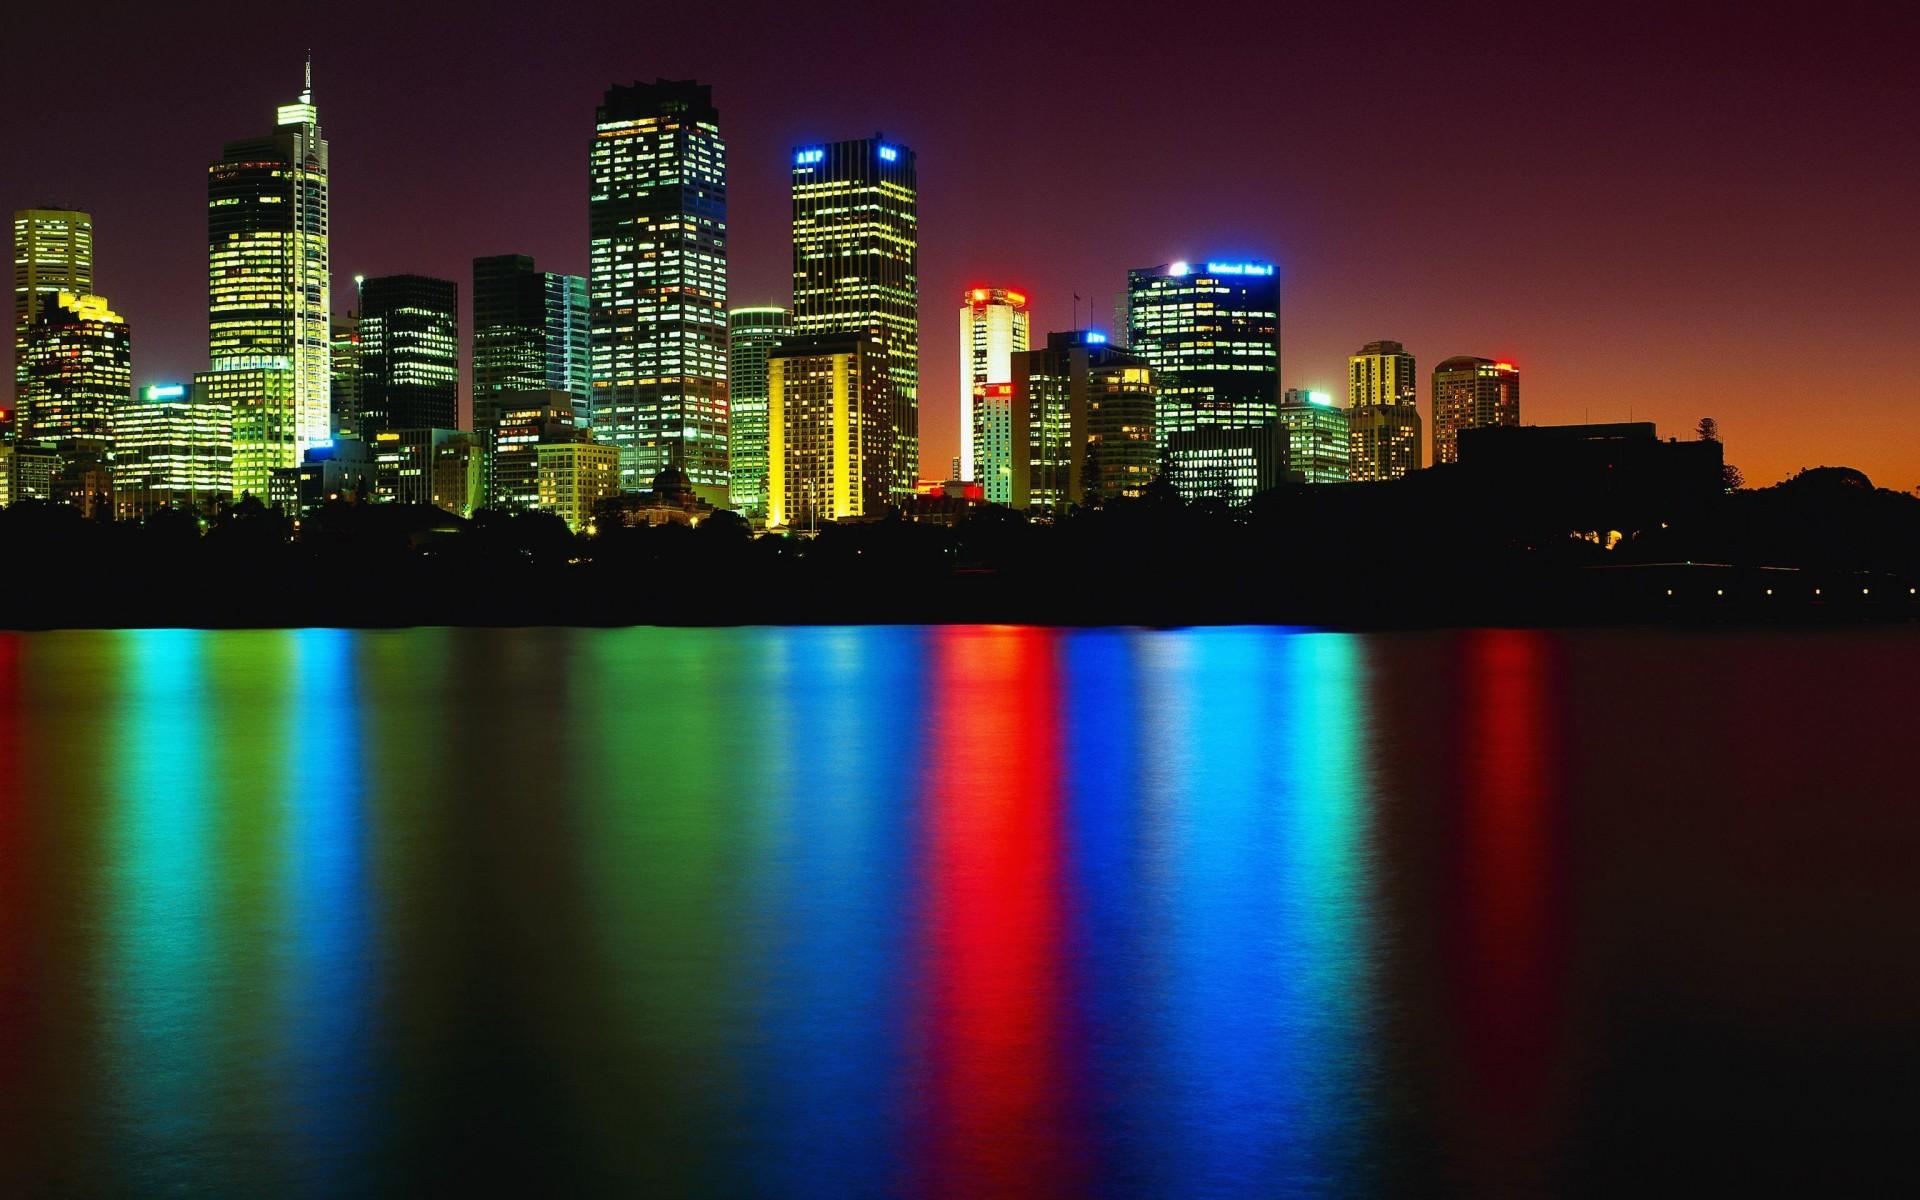 небоскребы город вода огни ночь  № 3981255 без смс